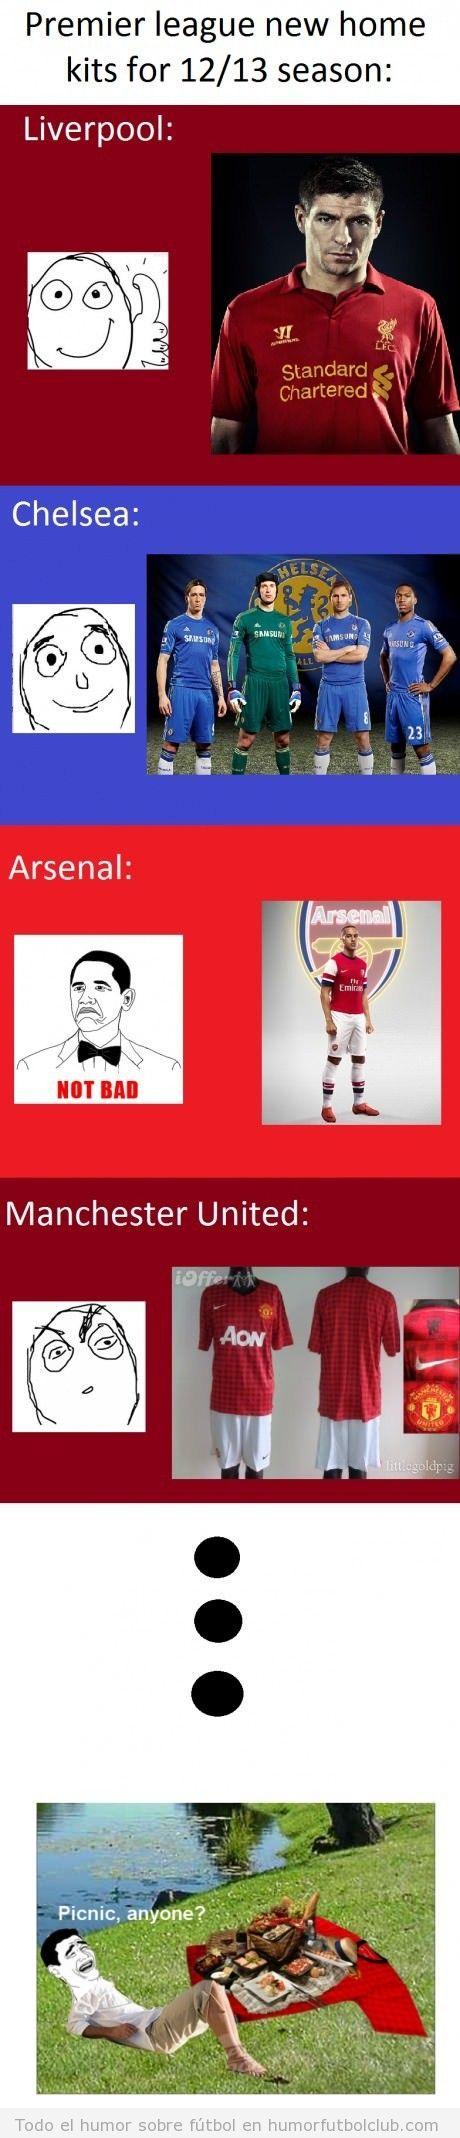 Nuevas equipaciones de la premier league, chelsea, arsenal, manchester united